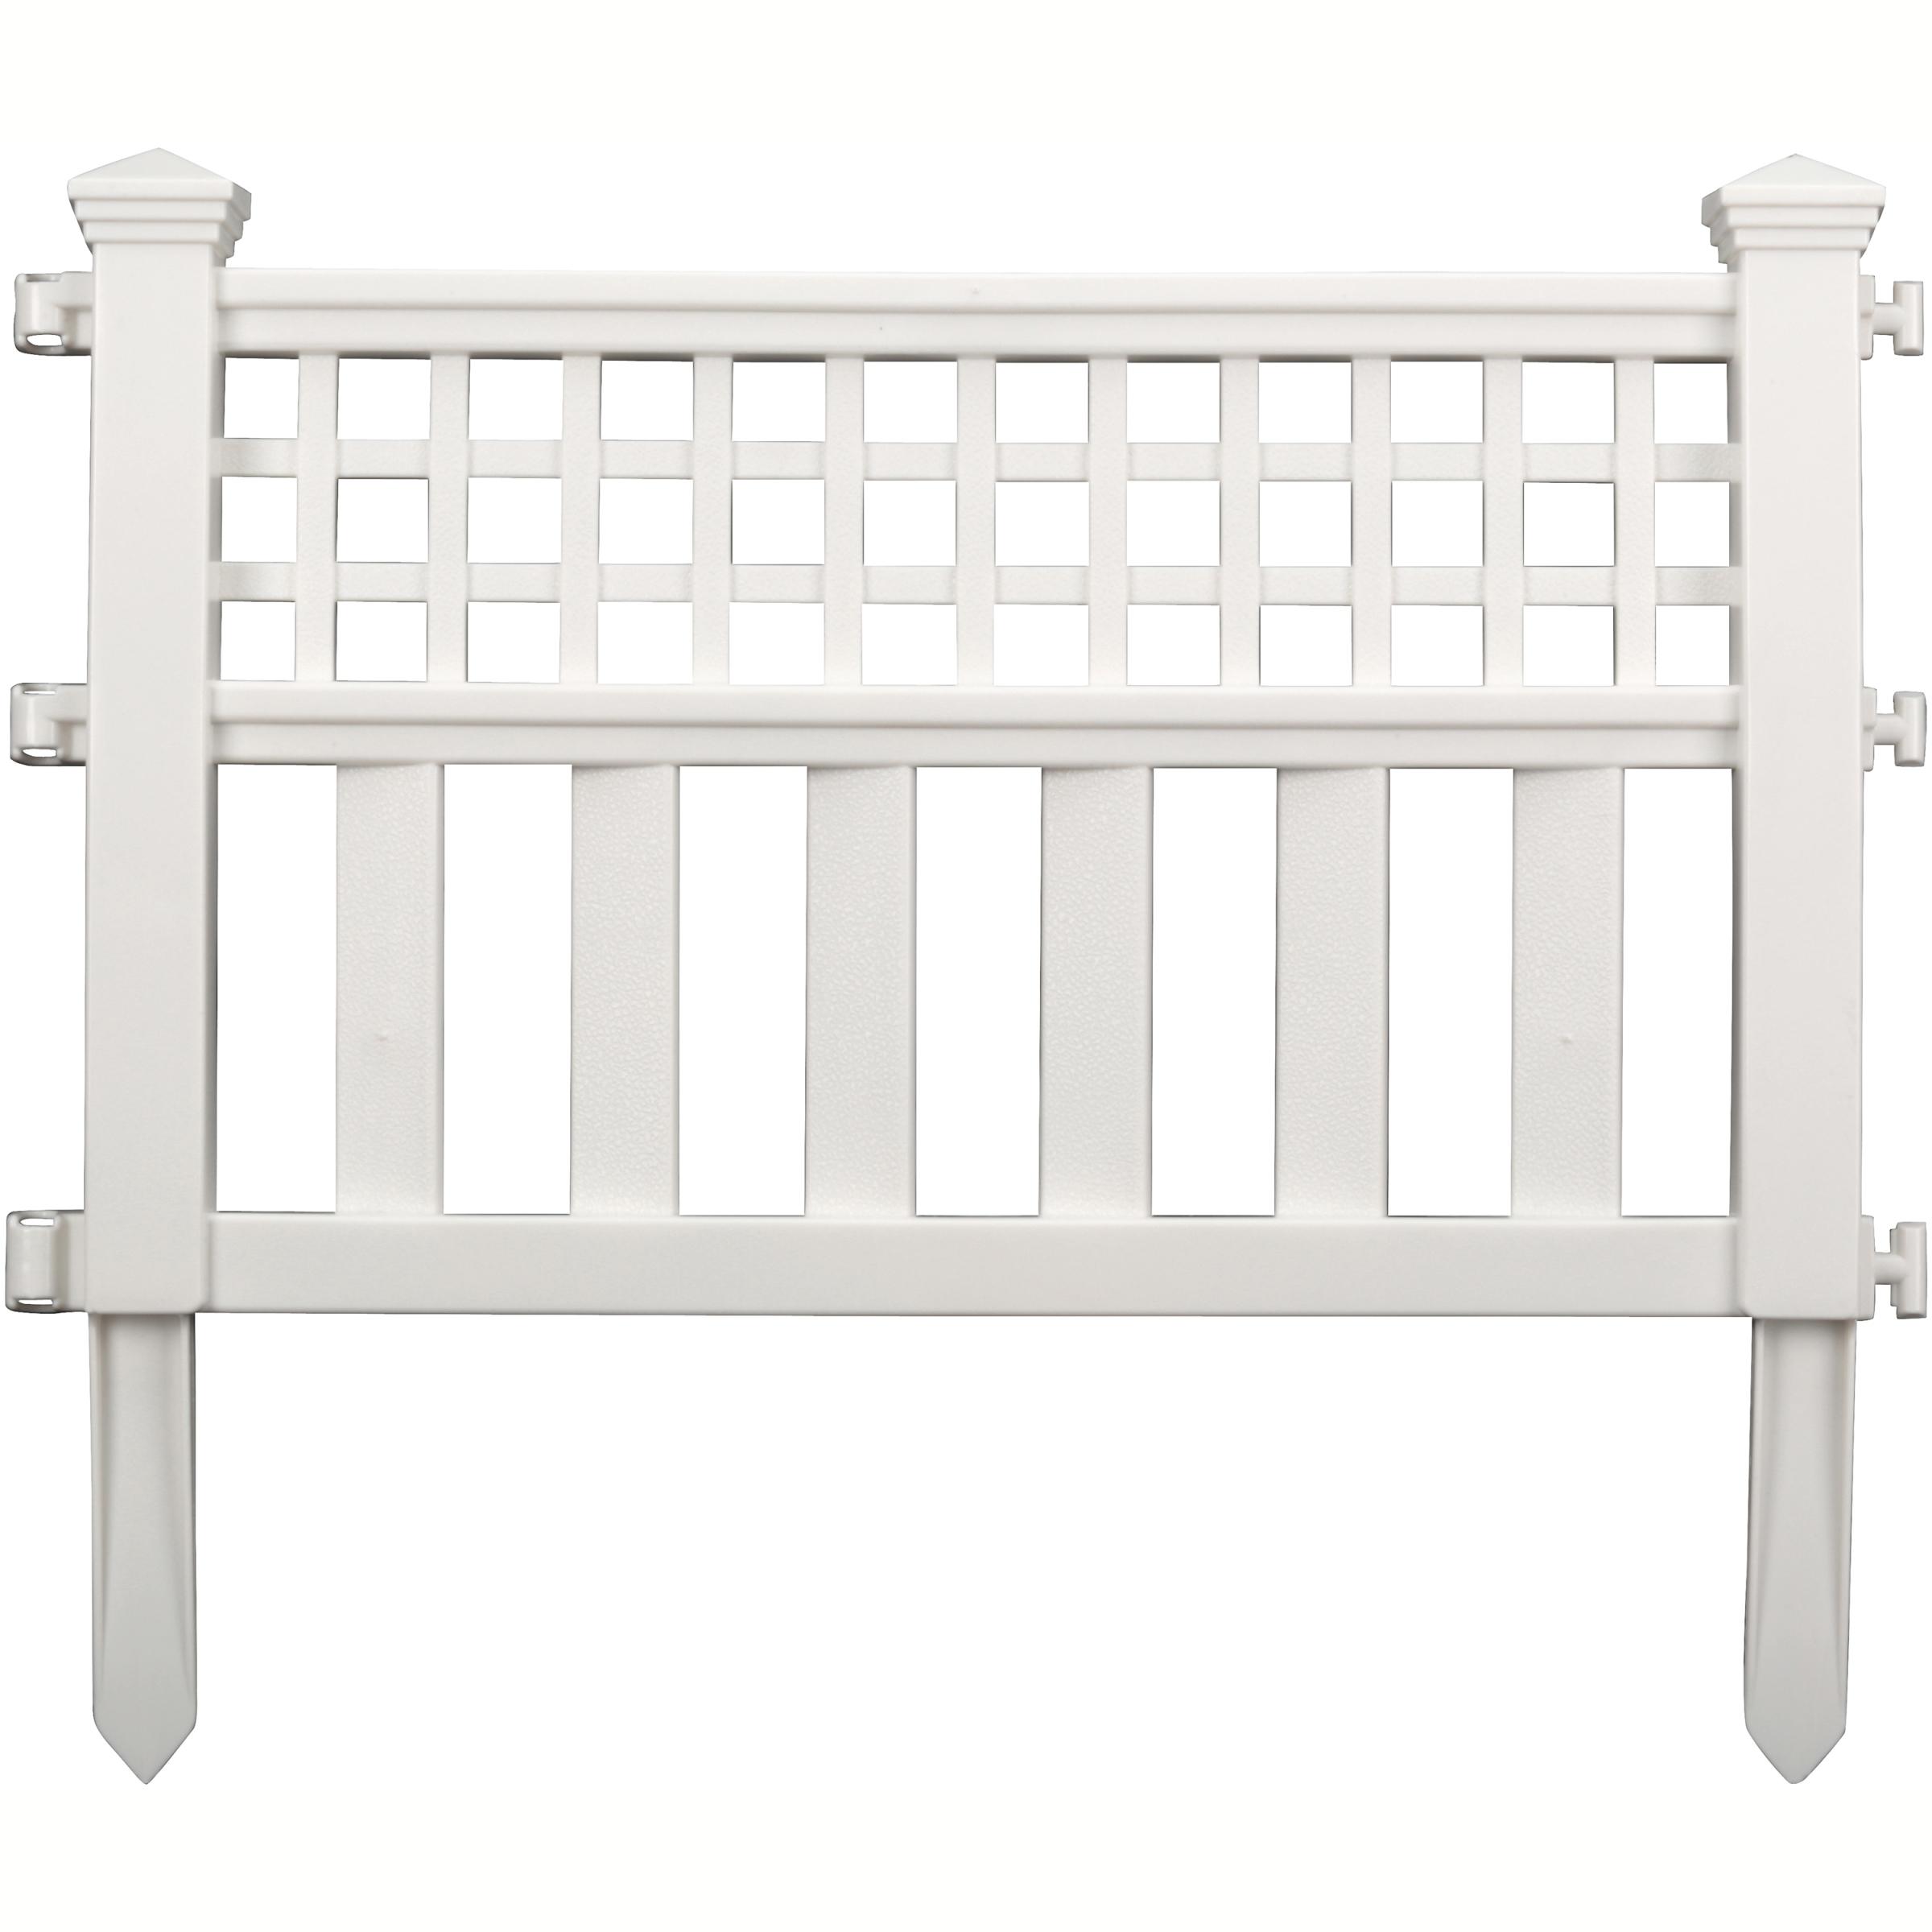 Suncast Grand View Fence, 3-Pack, White GVF243PK